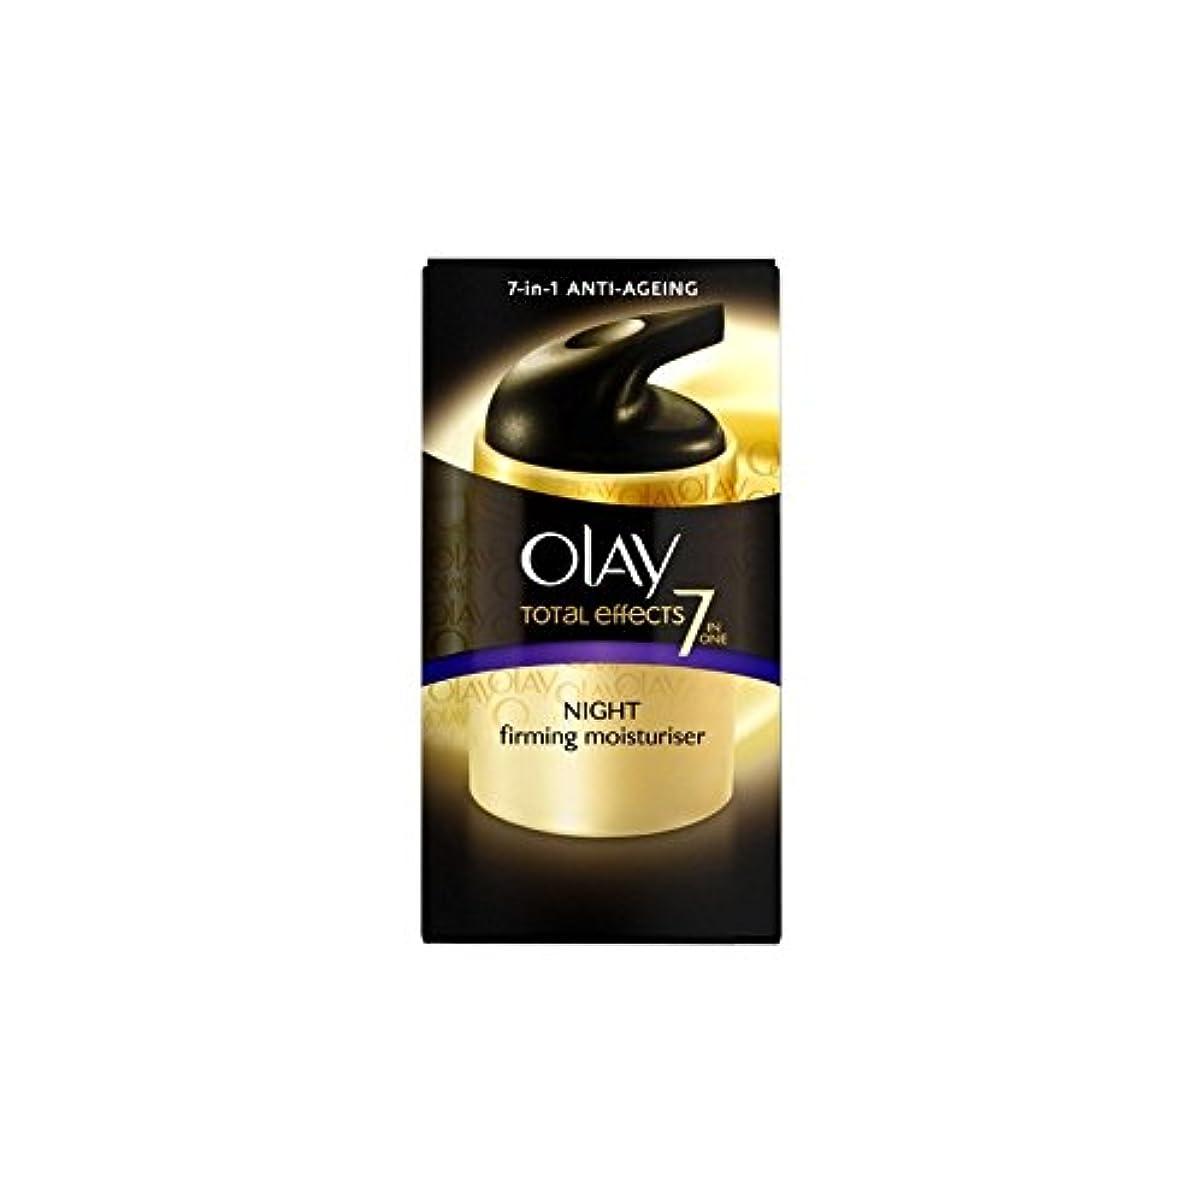 スコットランド人逆説グラフィックオーレイトータルエフェクト保湿ナイトクリーム(50ミリリットル) x2 - Olay Total Effects Moisturiser Night Cream (50ml) (Pack of 2) [並行輸入品]